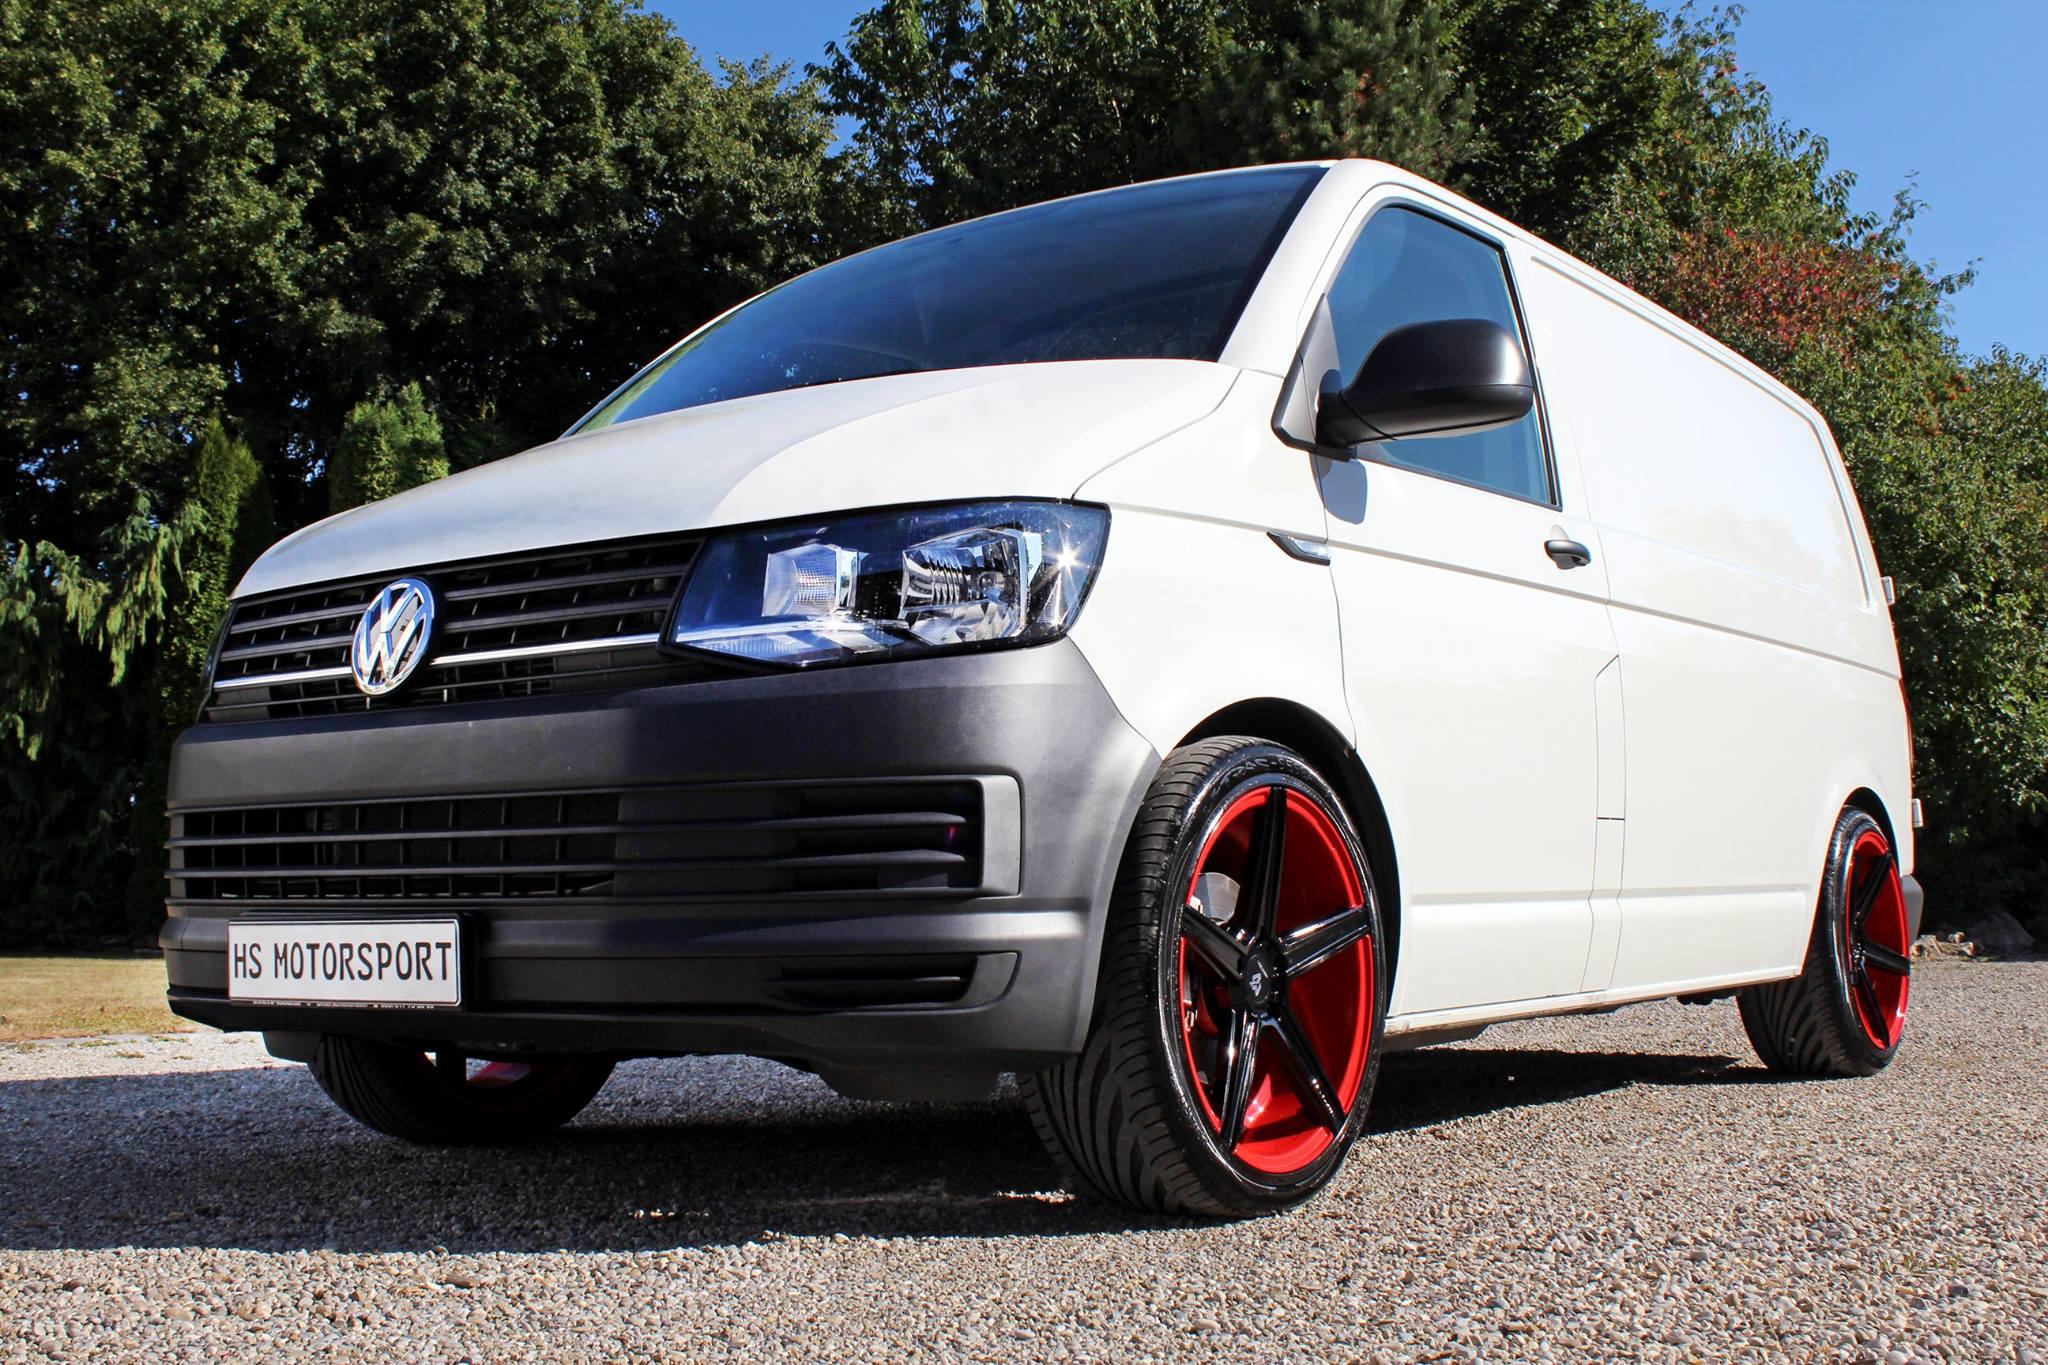 volkswagen t6 transporter 2 0 tdi tuned by hs motorsport. Black Bedroom Furniture Sets. Home Design Ideas